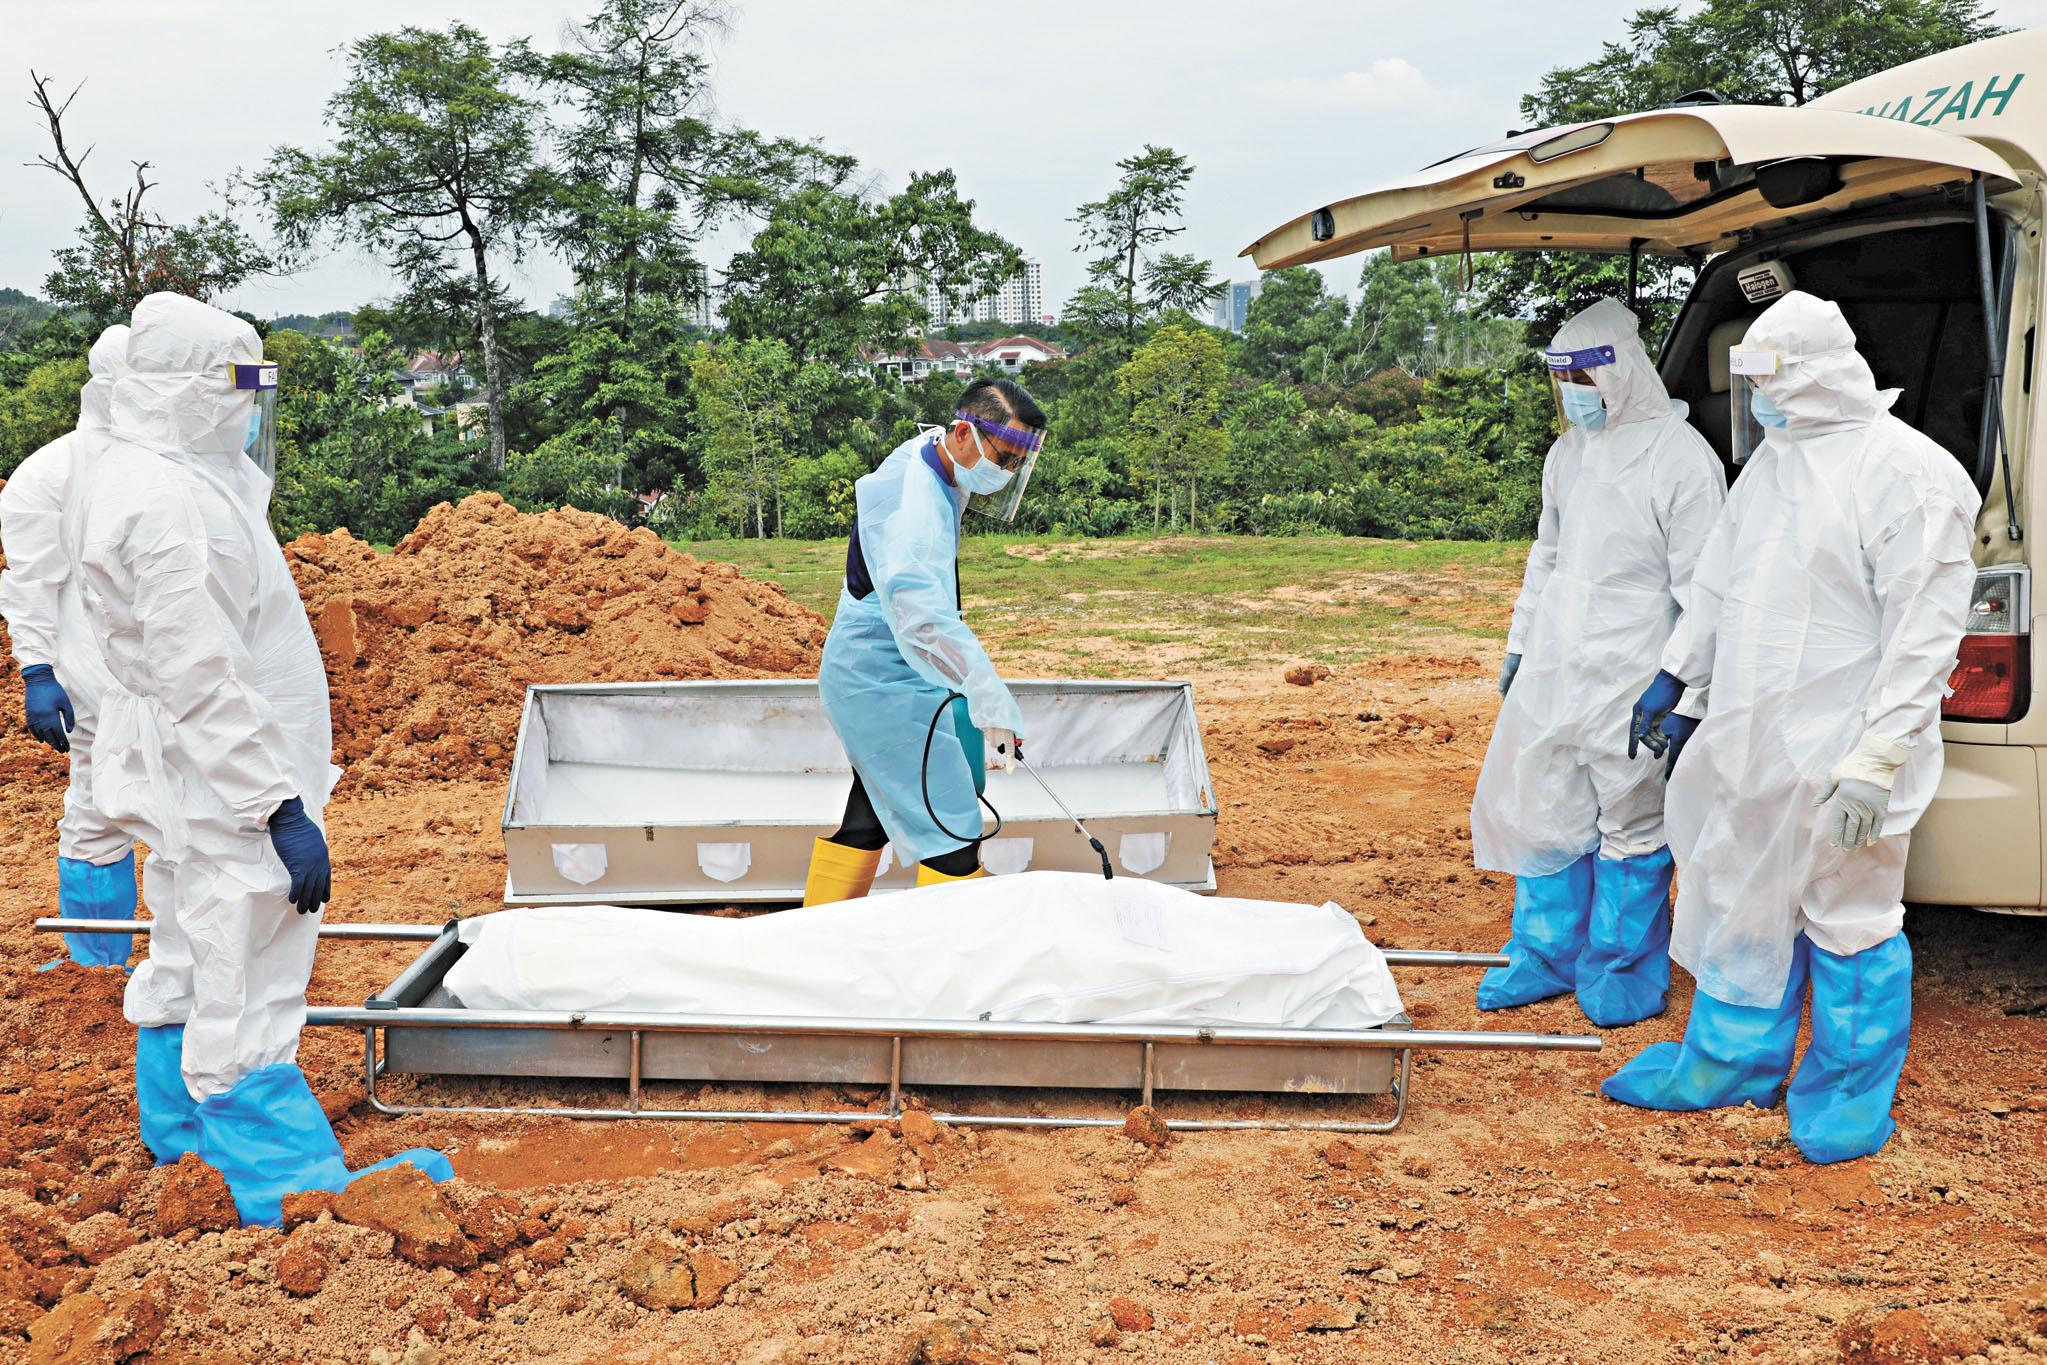 今年迄今全球死於新冠肺炎的人數已超過2020年染疫去世人數的總和,凸顯全球疫情遠未結束。圖為在馬來西亞墓地,工人身穿防護服,準備埋葬新冠死亡患者。路透社